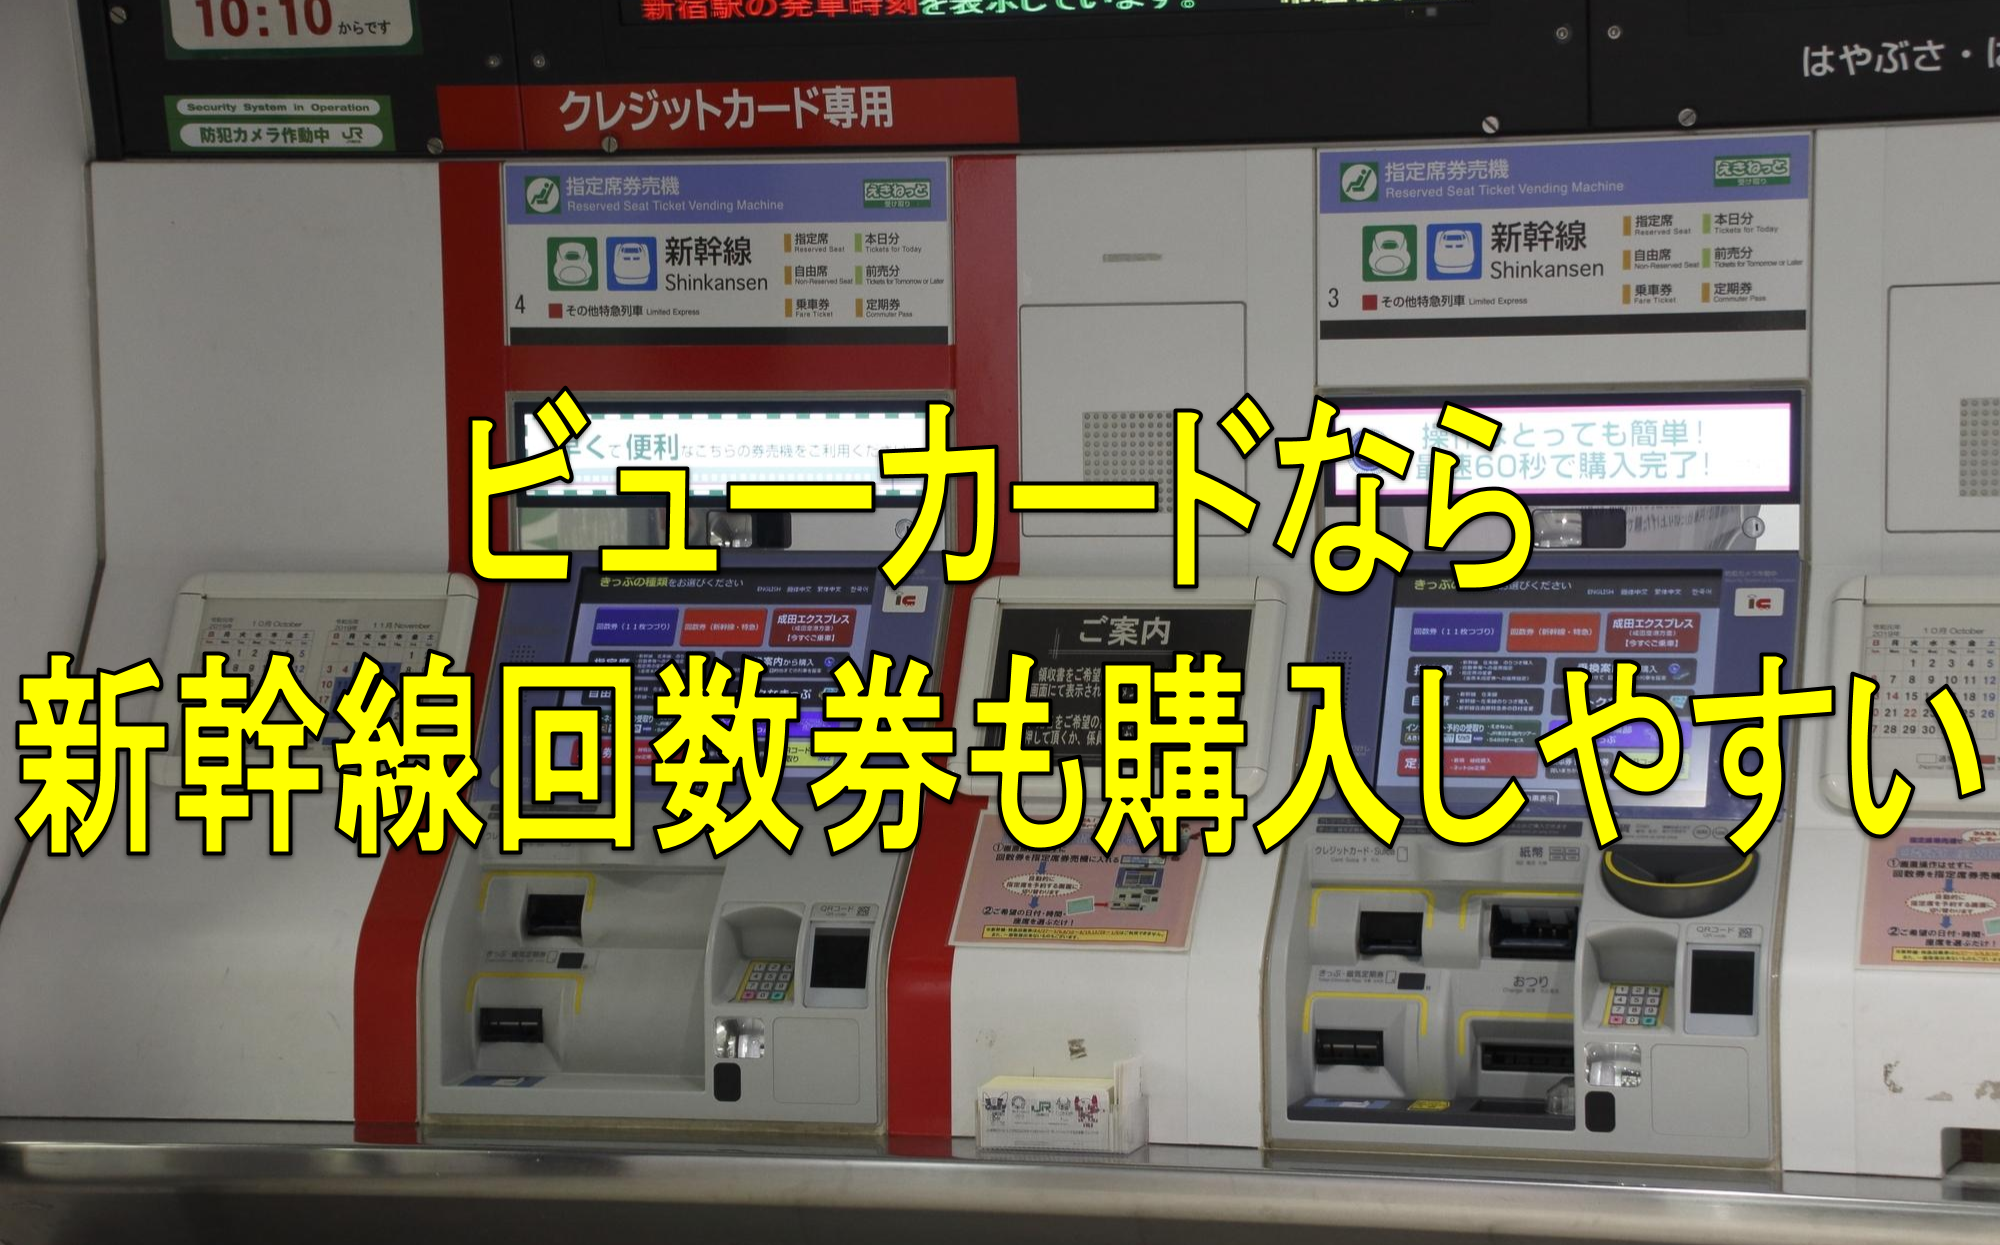 ビューカードなら新幹線回数券も購入しやすい